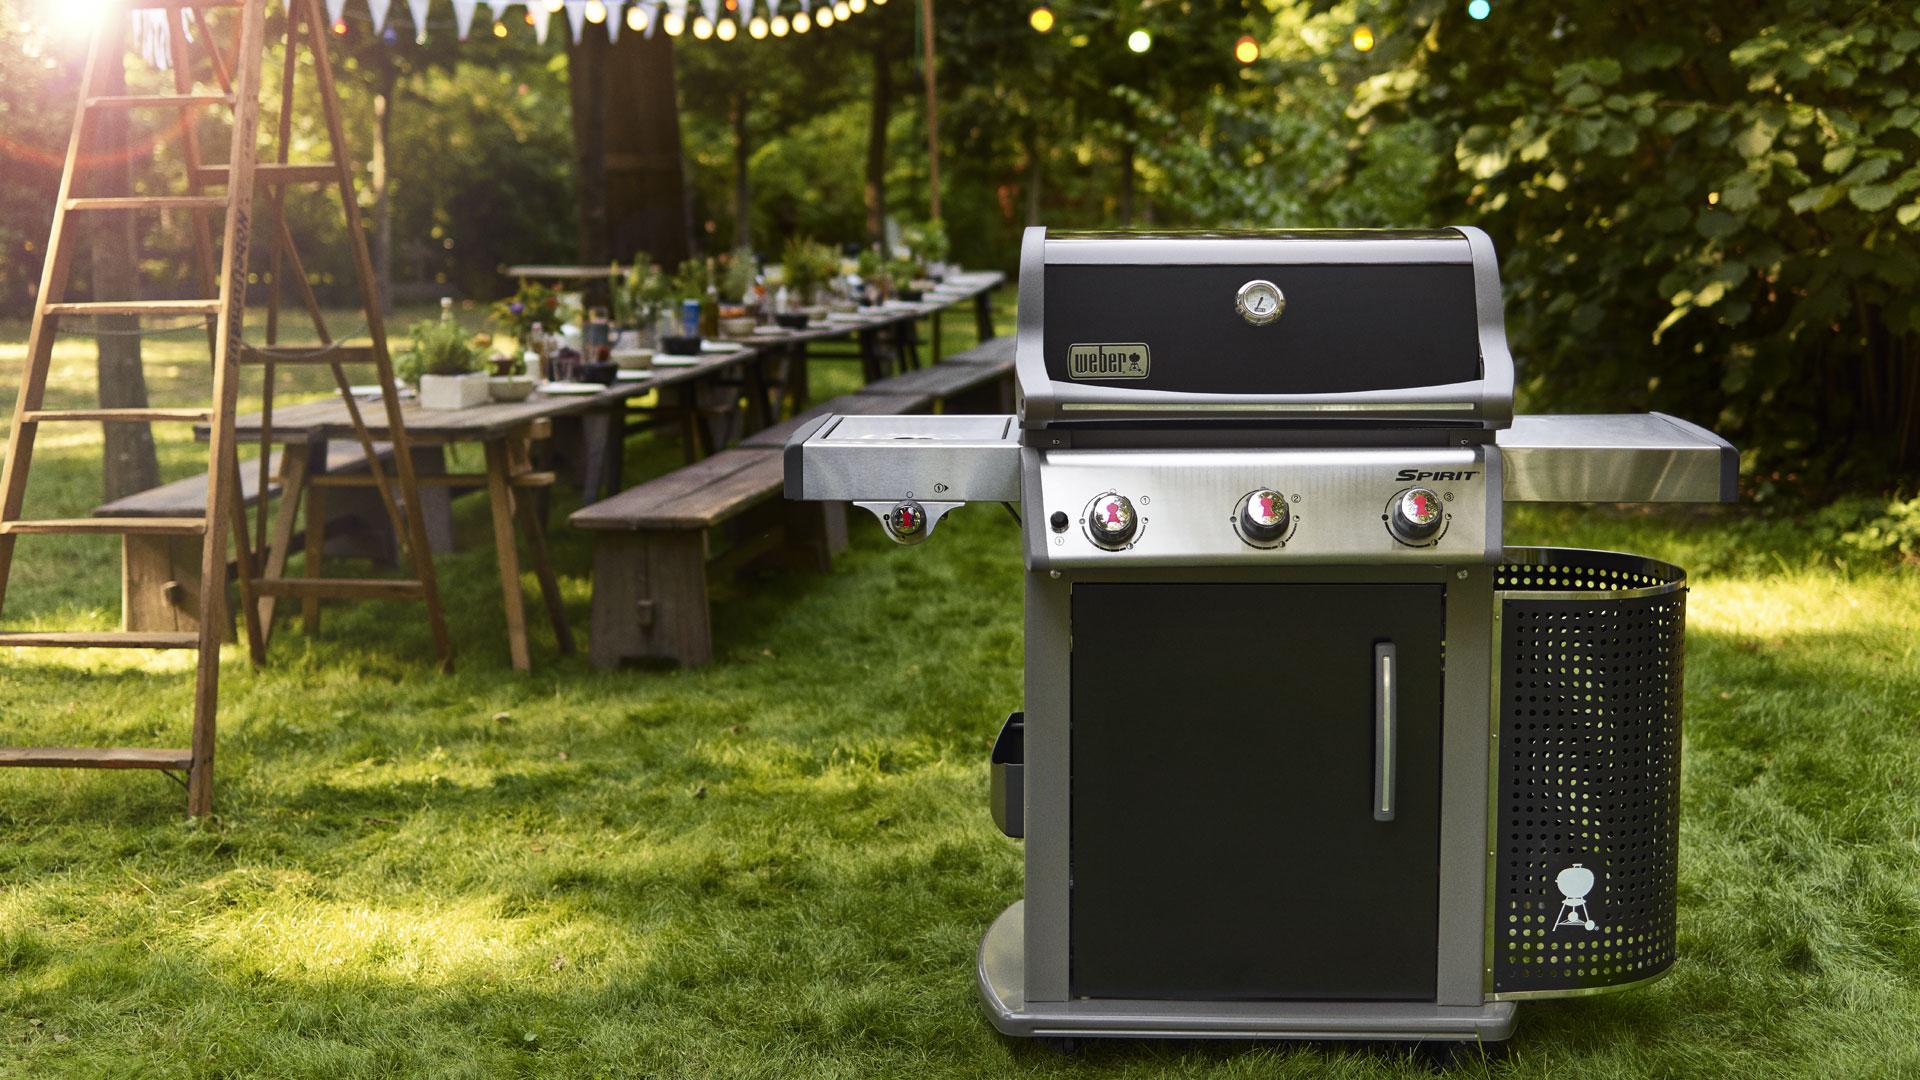 Outdoorküche Weber Q1200 : Outdoorküche weber q1200: holz und gasgrill im vergleich